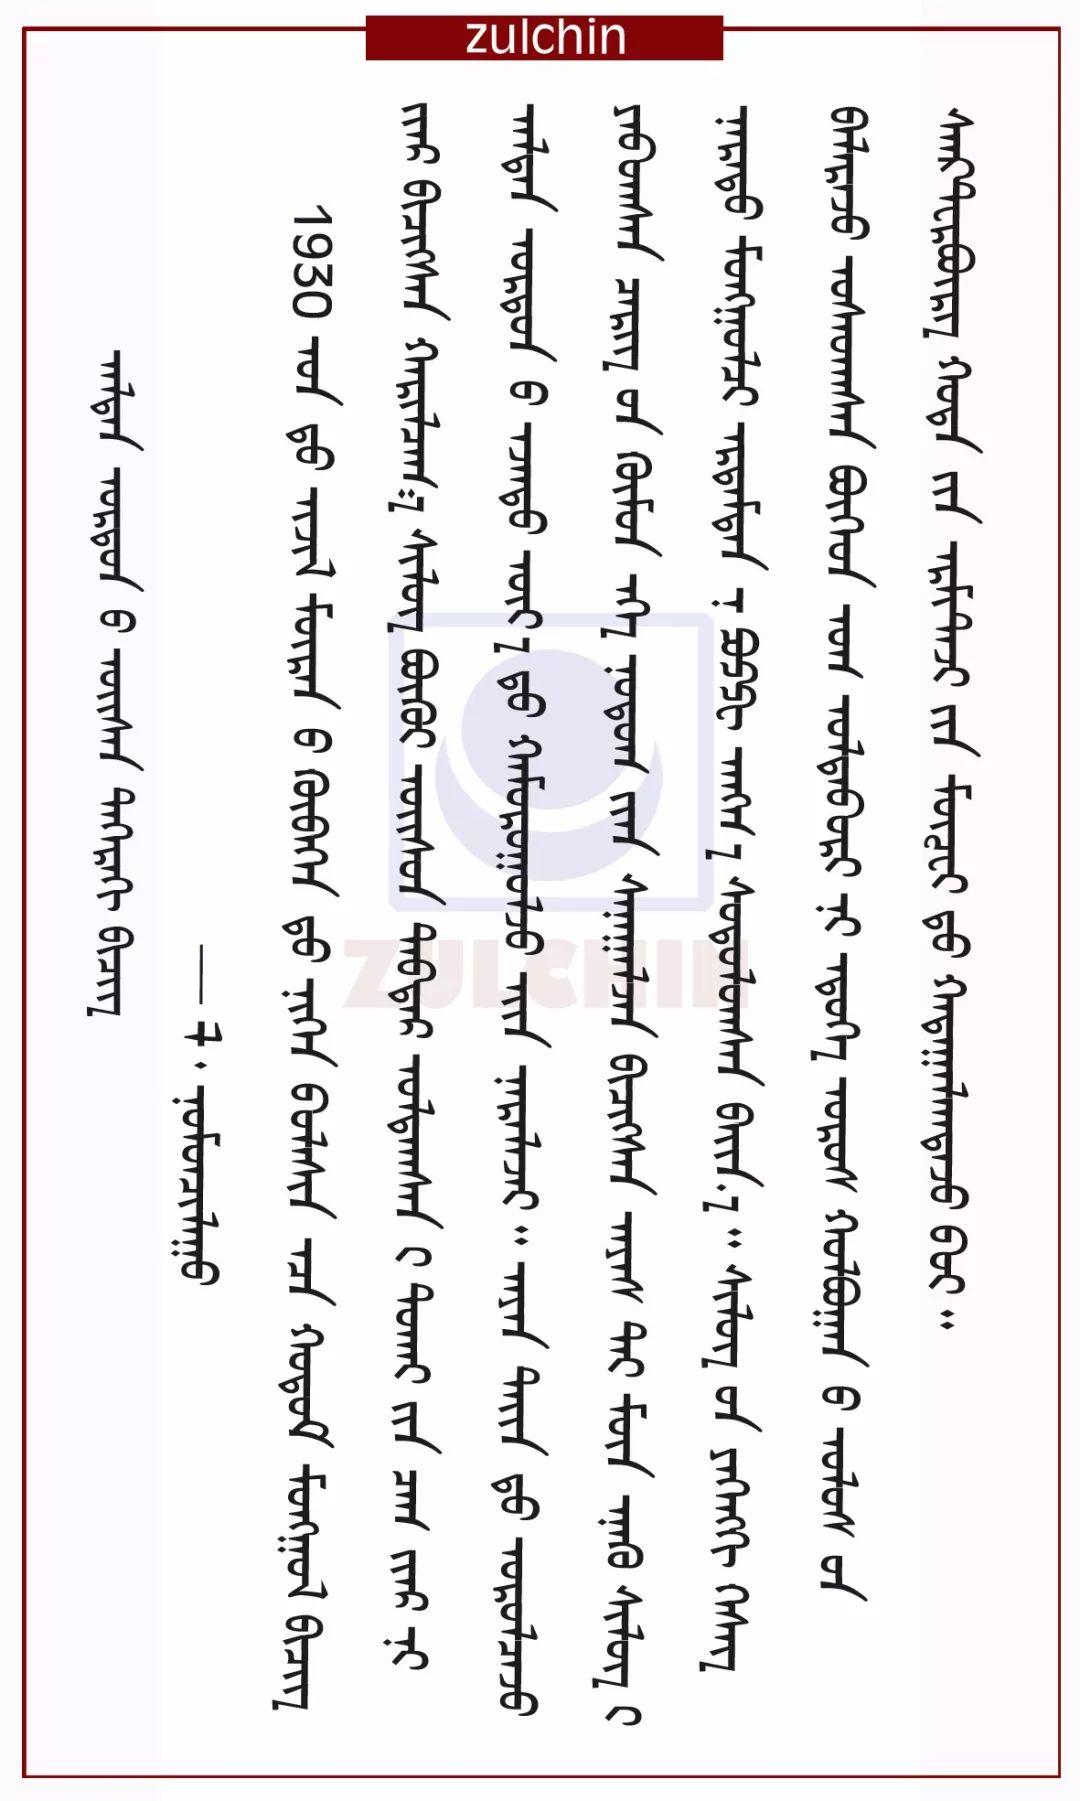 俄罗斯出土发现金帐汗国时期蒙古文信件 (蒙古文) 第2张